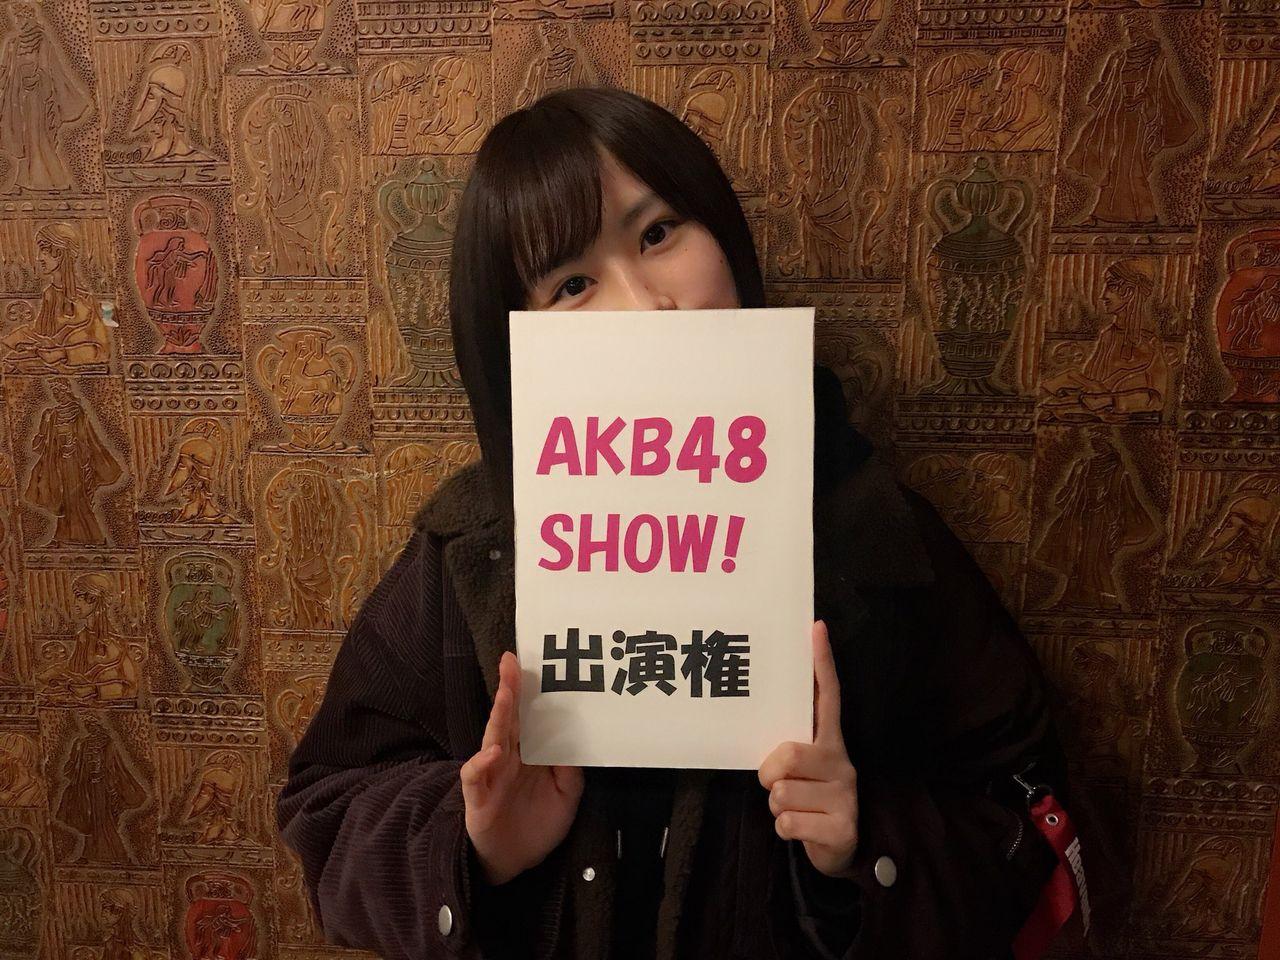 【新年会】NMBのリーサルウェポンがAKB48SHOW出演権獲得キタ━━━━(゚∀゚)━━━━!!